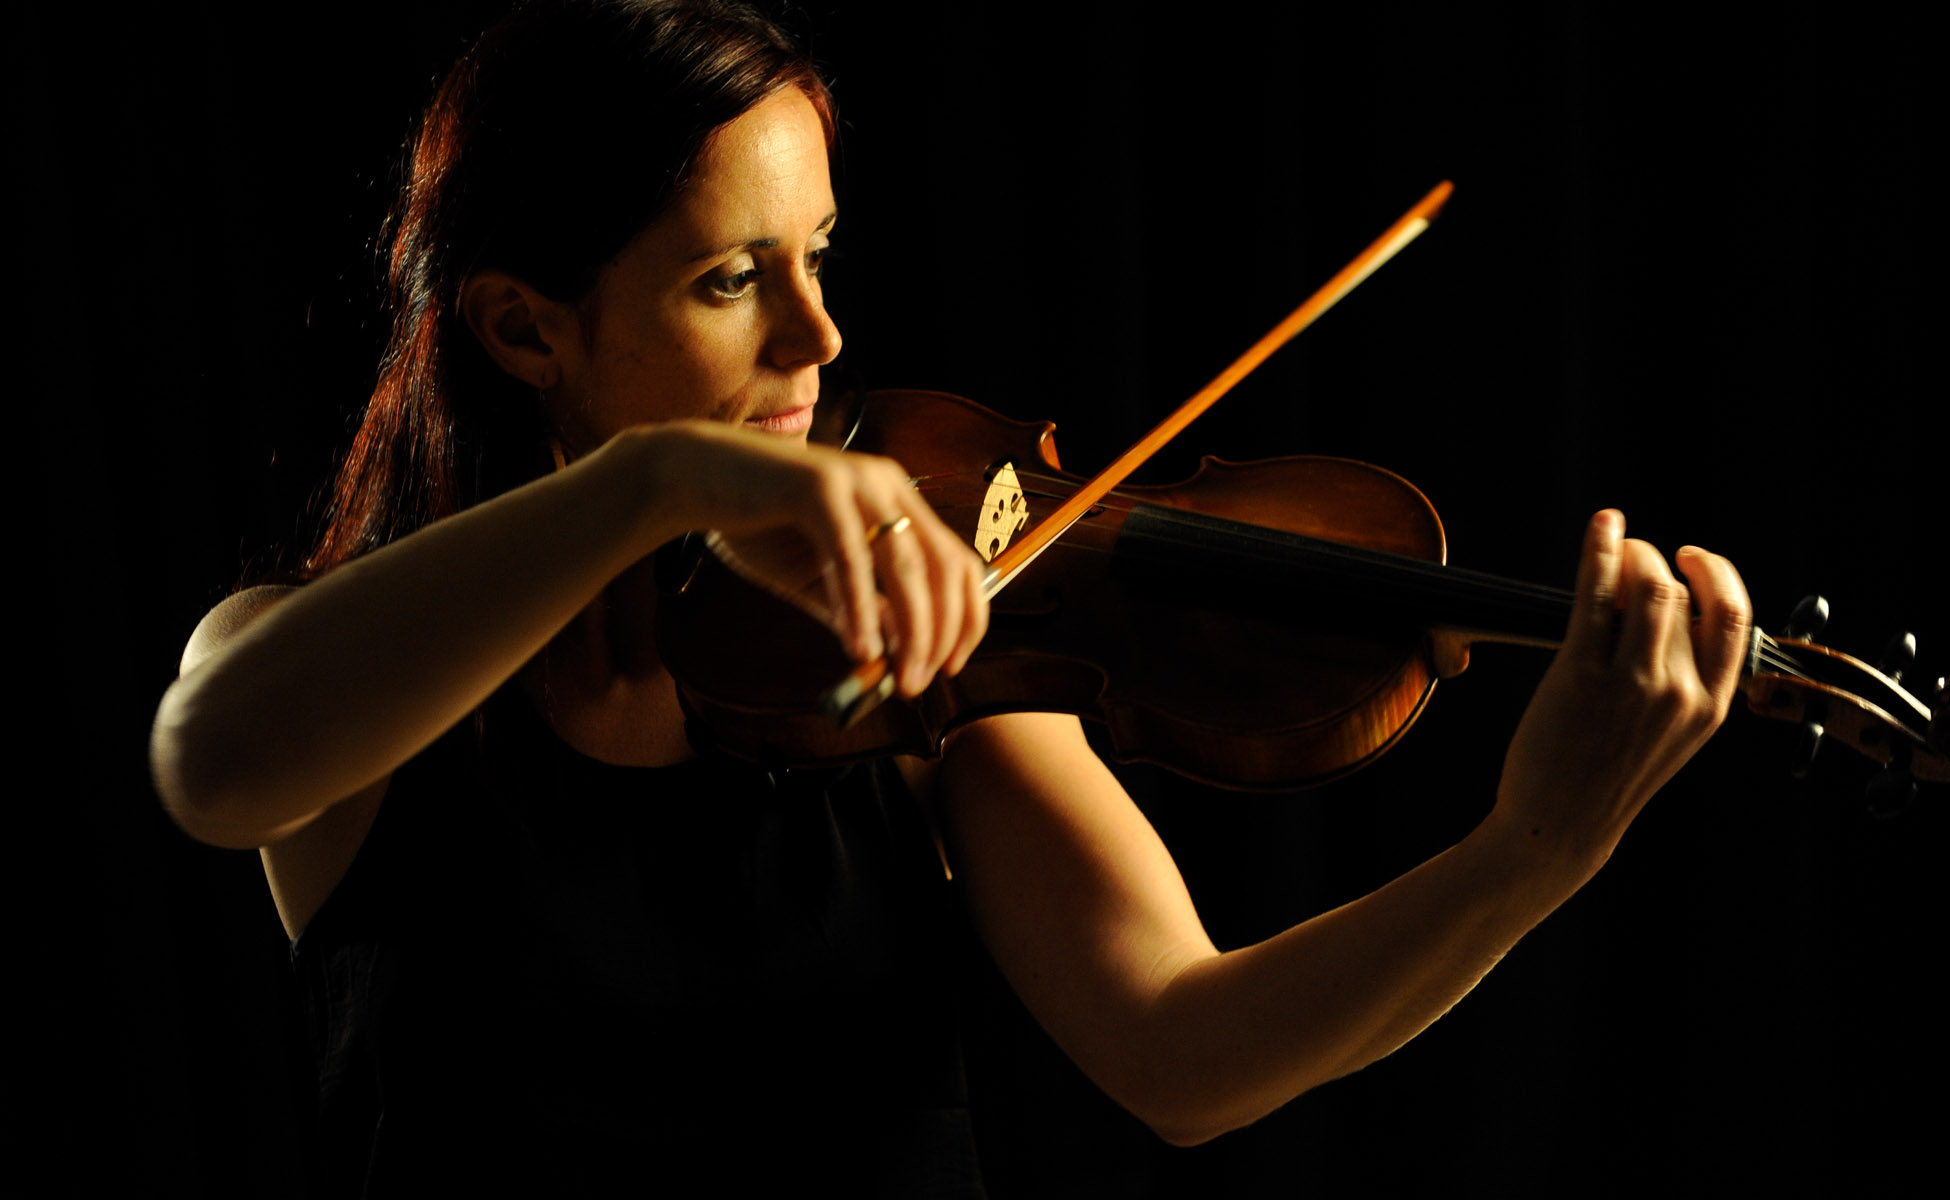 violí directe